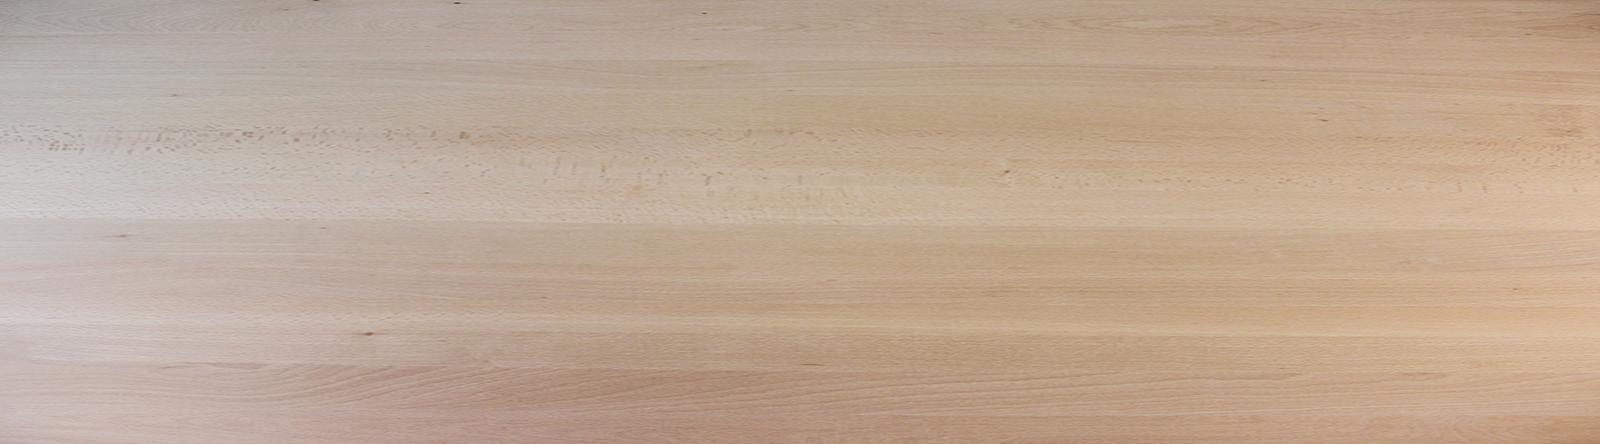 Tische buche massiv h sler massivholz ag for Tische holz massiv